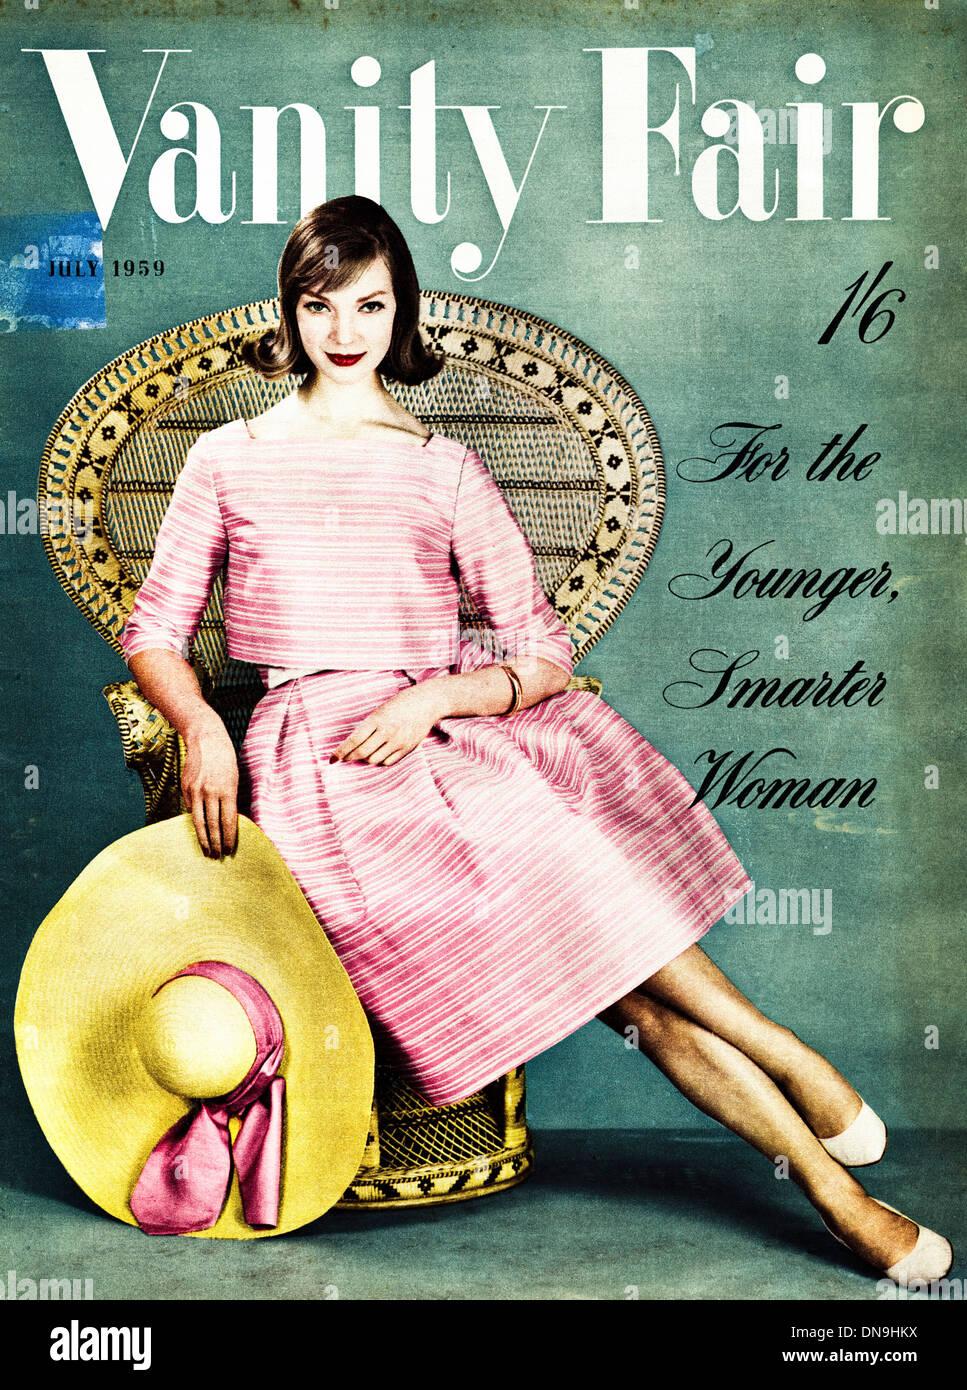 Anni Cinquanta Vanity Fair cover vintage originale donna fashion magazine datato luglio 1959 Immagini Stock